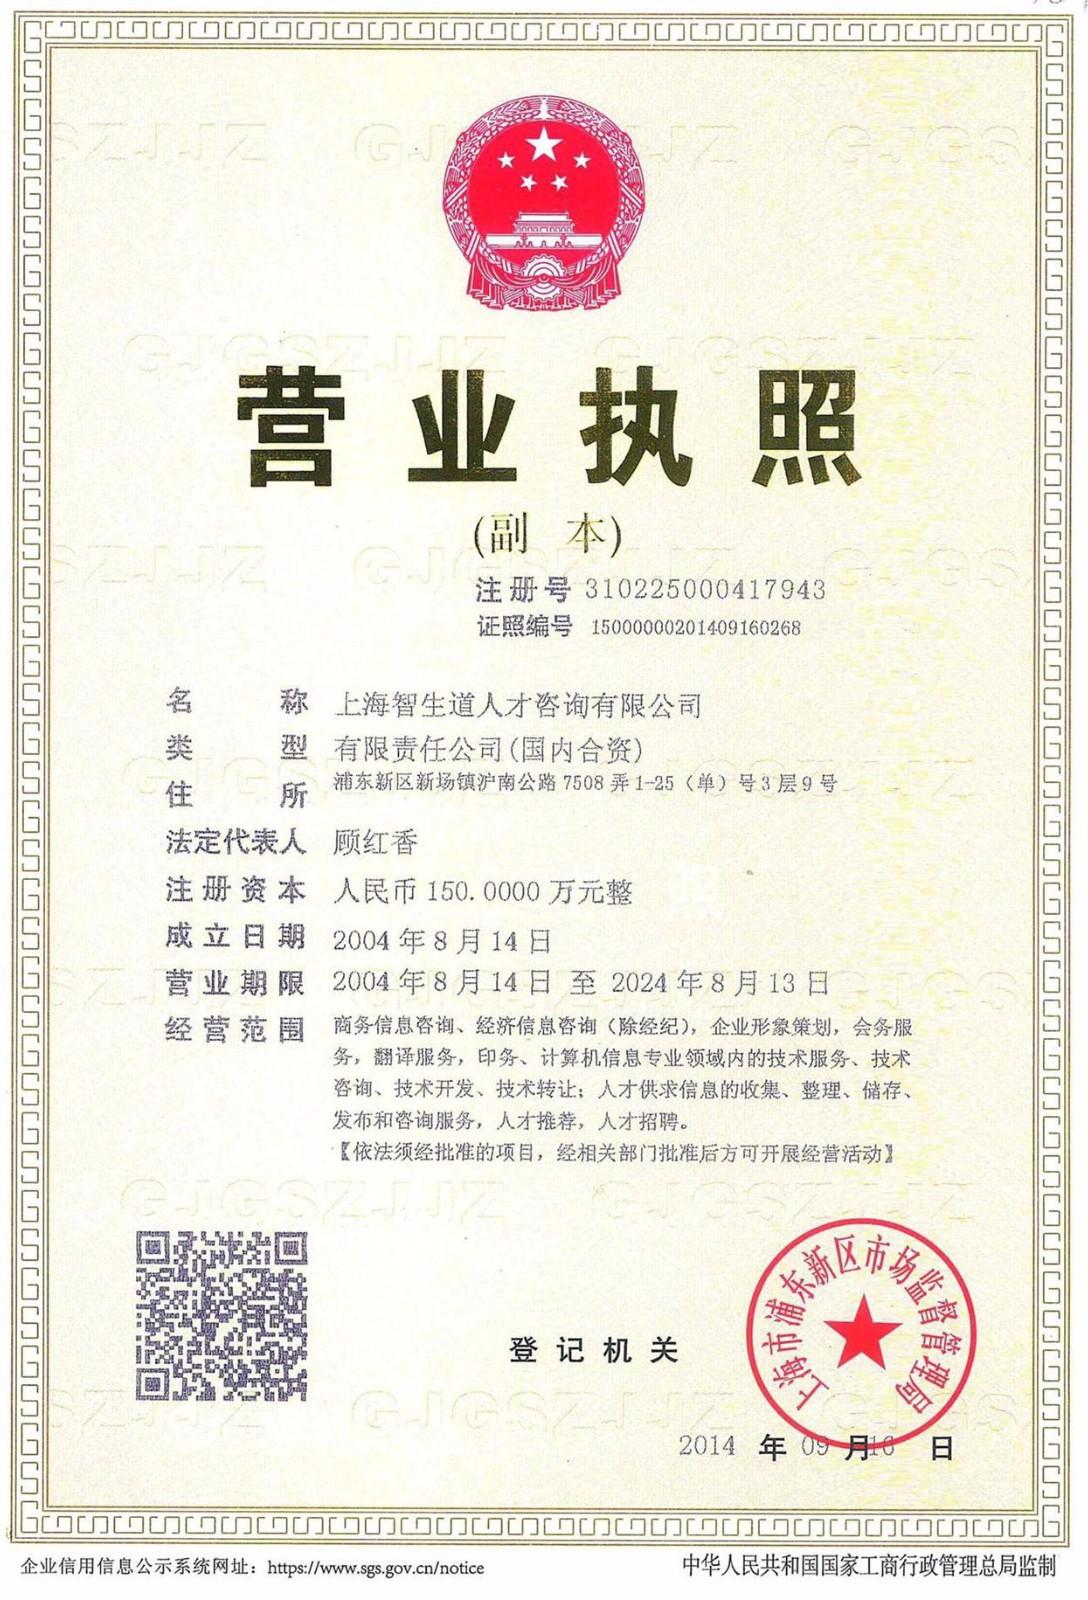 上海智生道人才咨询有限公司